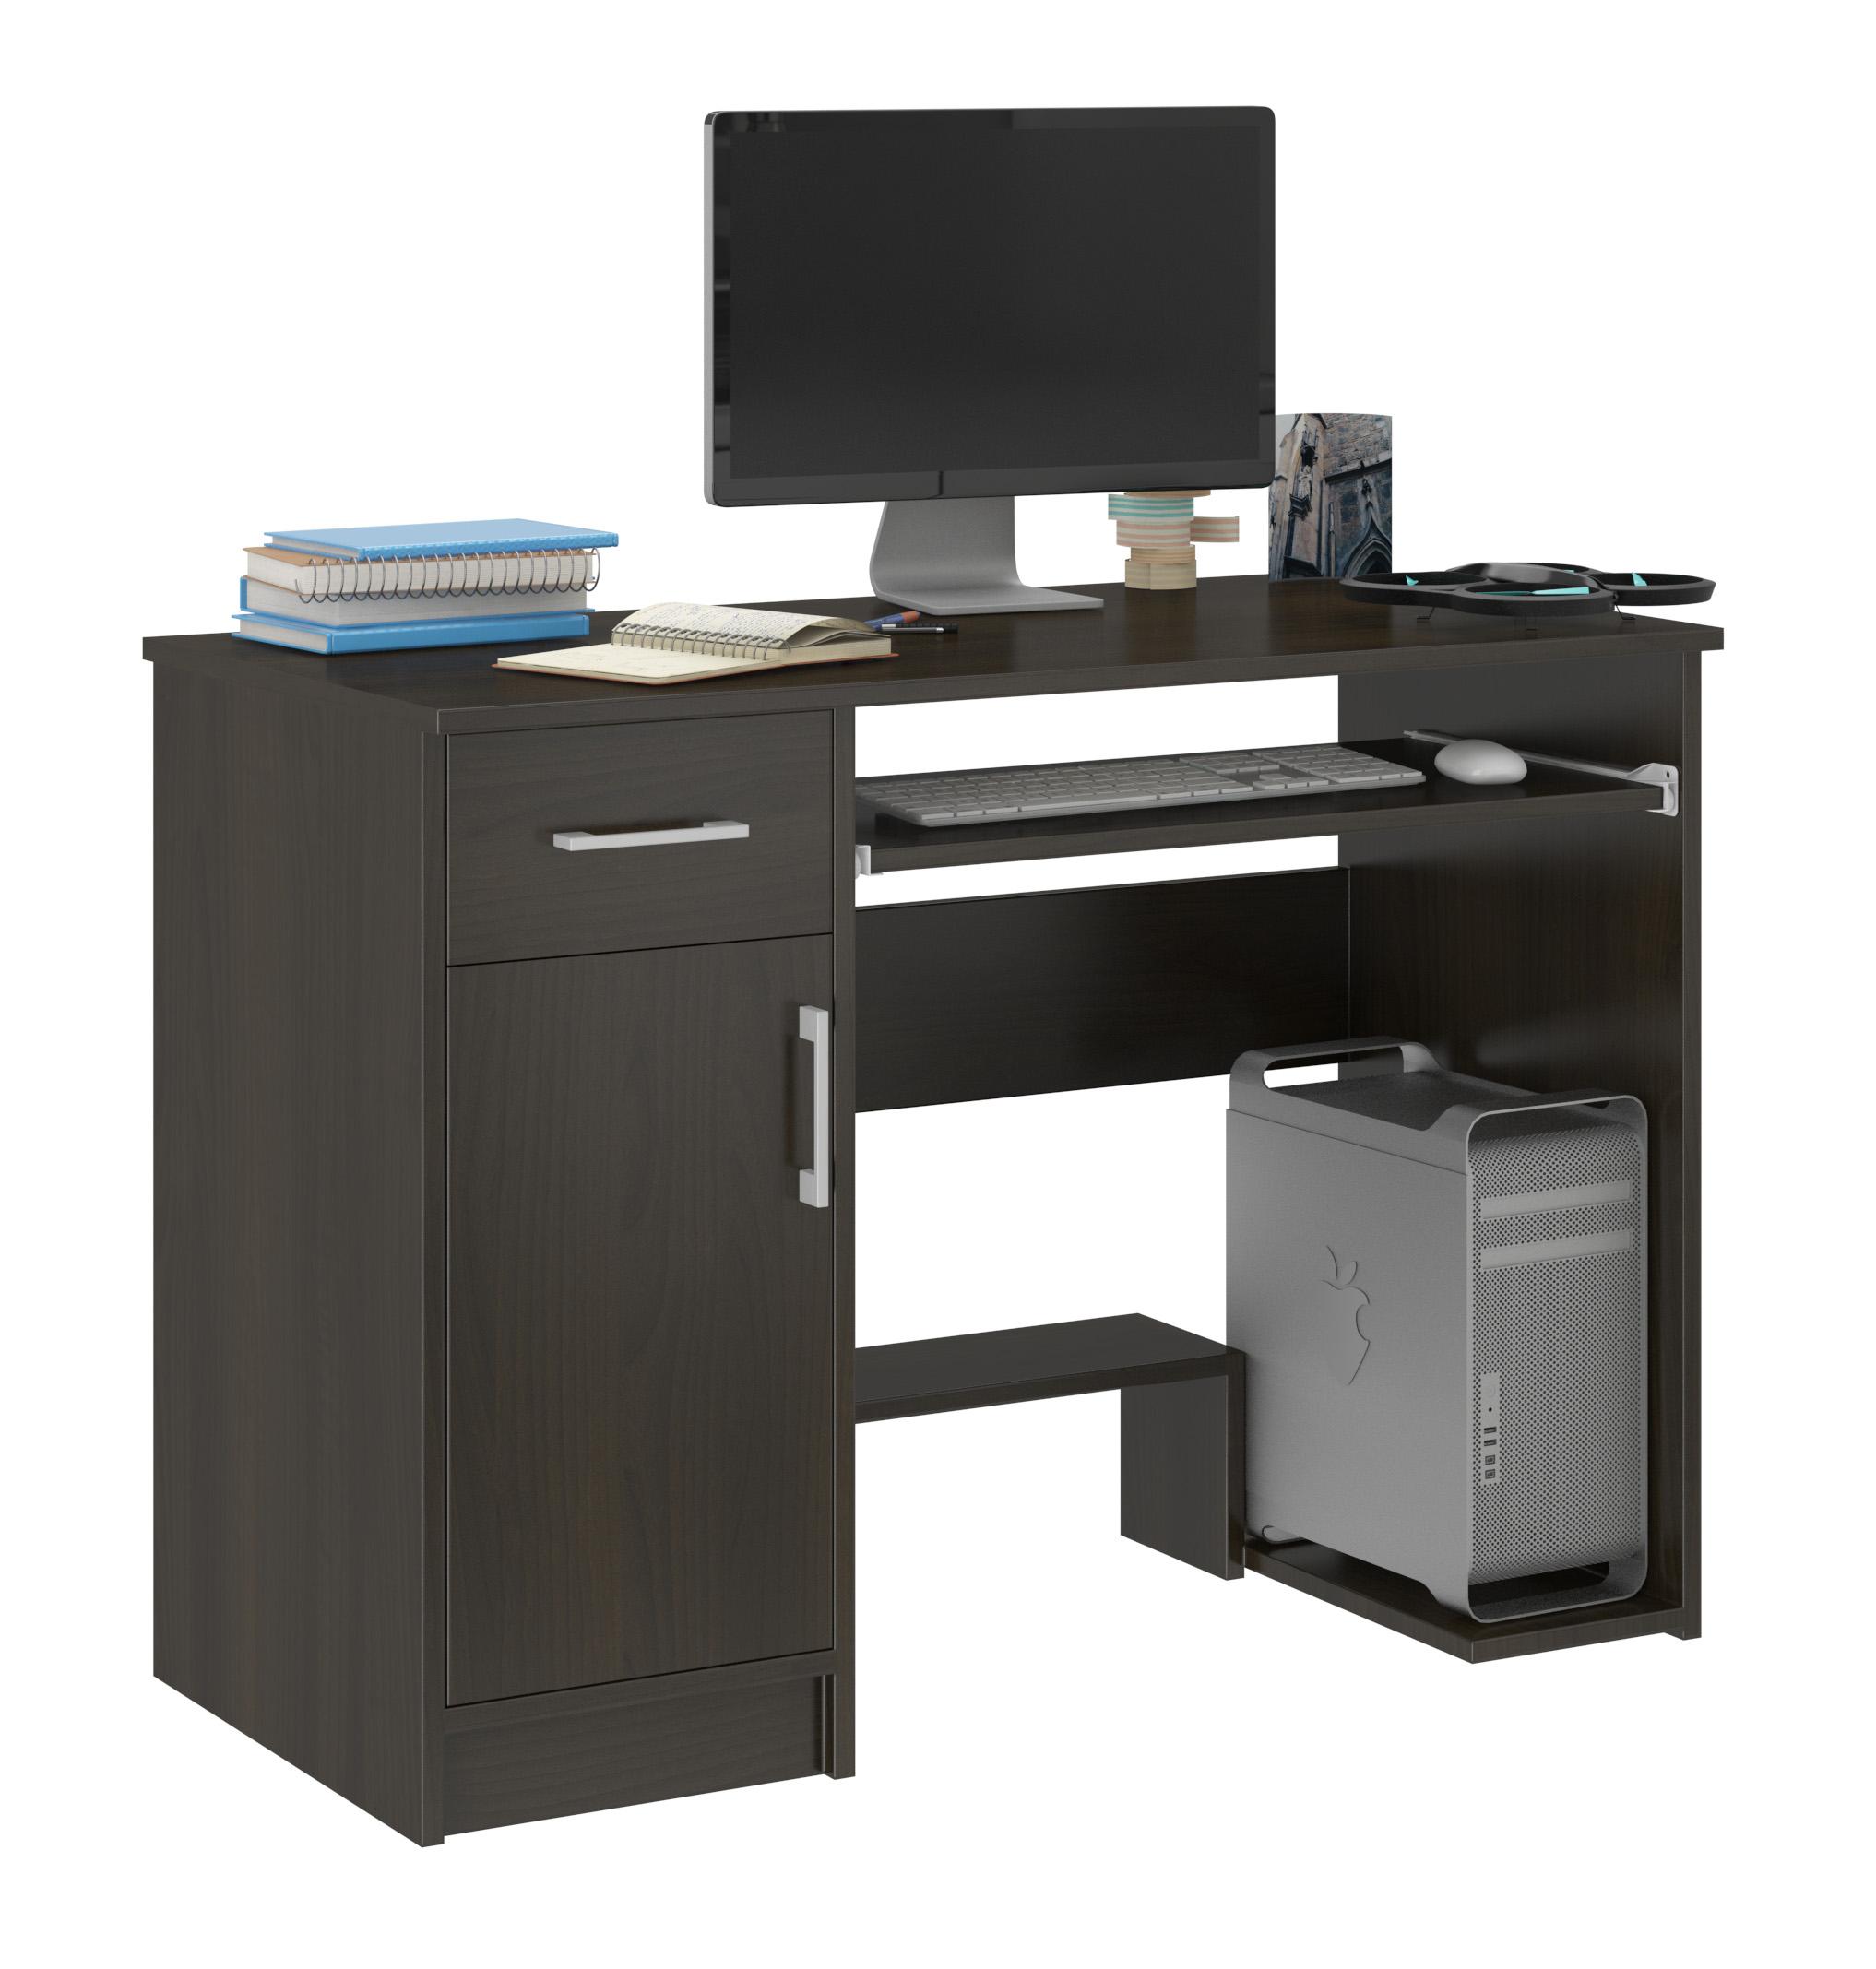 Biurko Komputerowe 90cm Stolik Laptop Wenge N 10